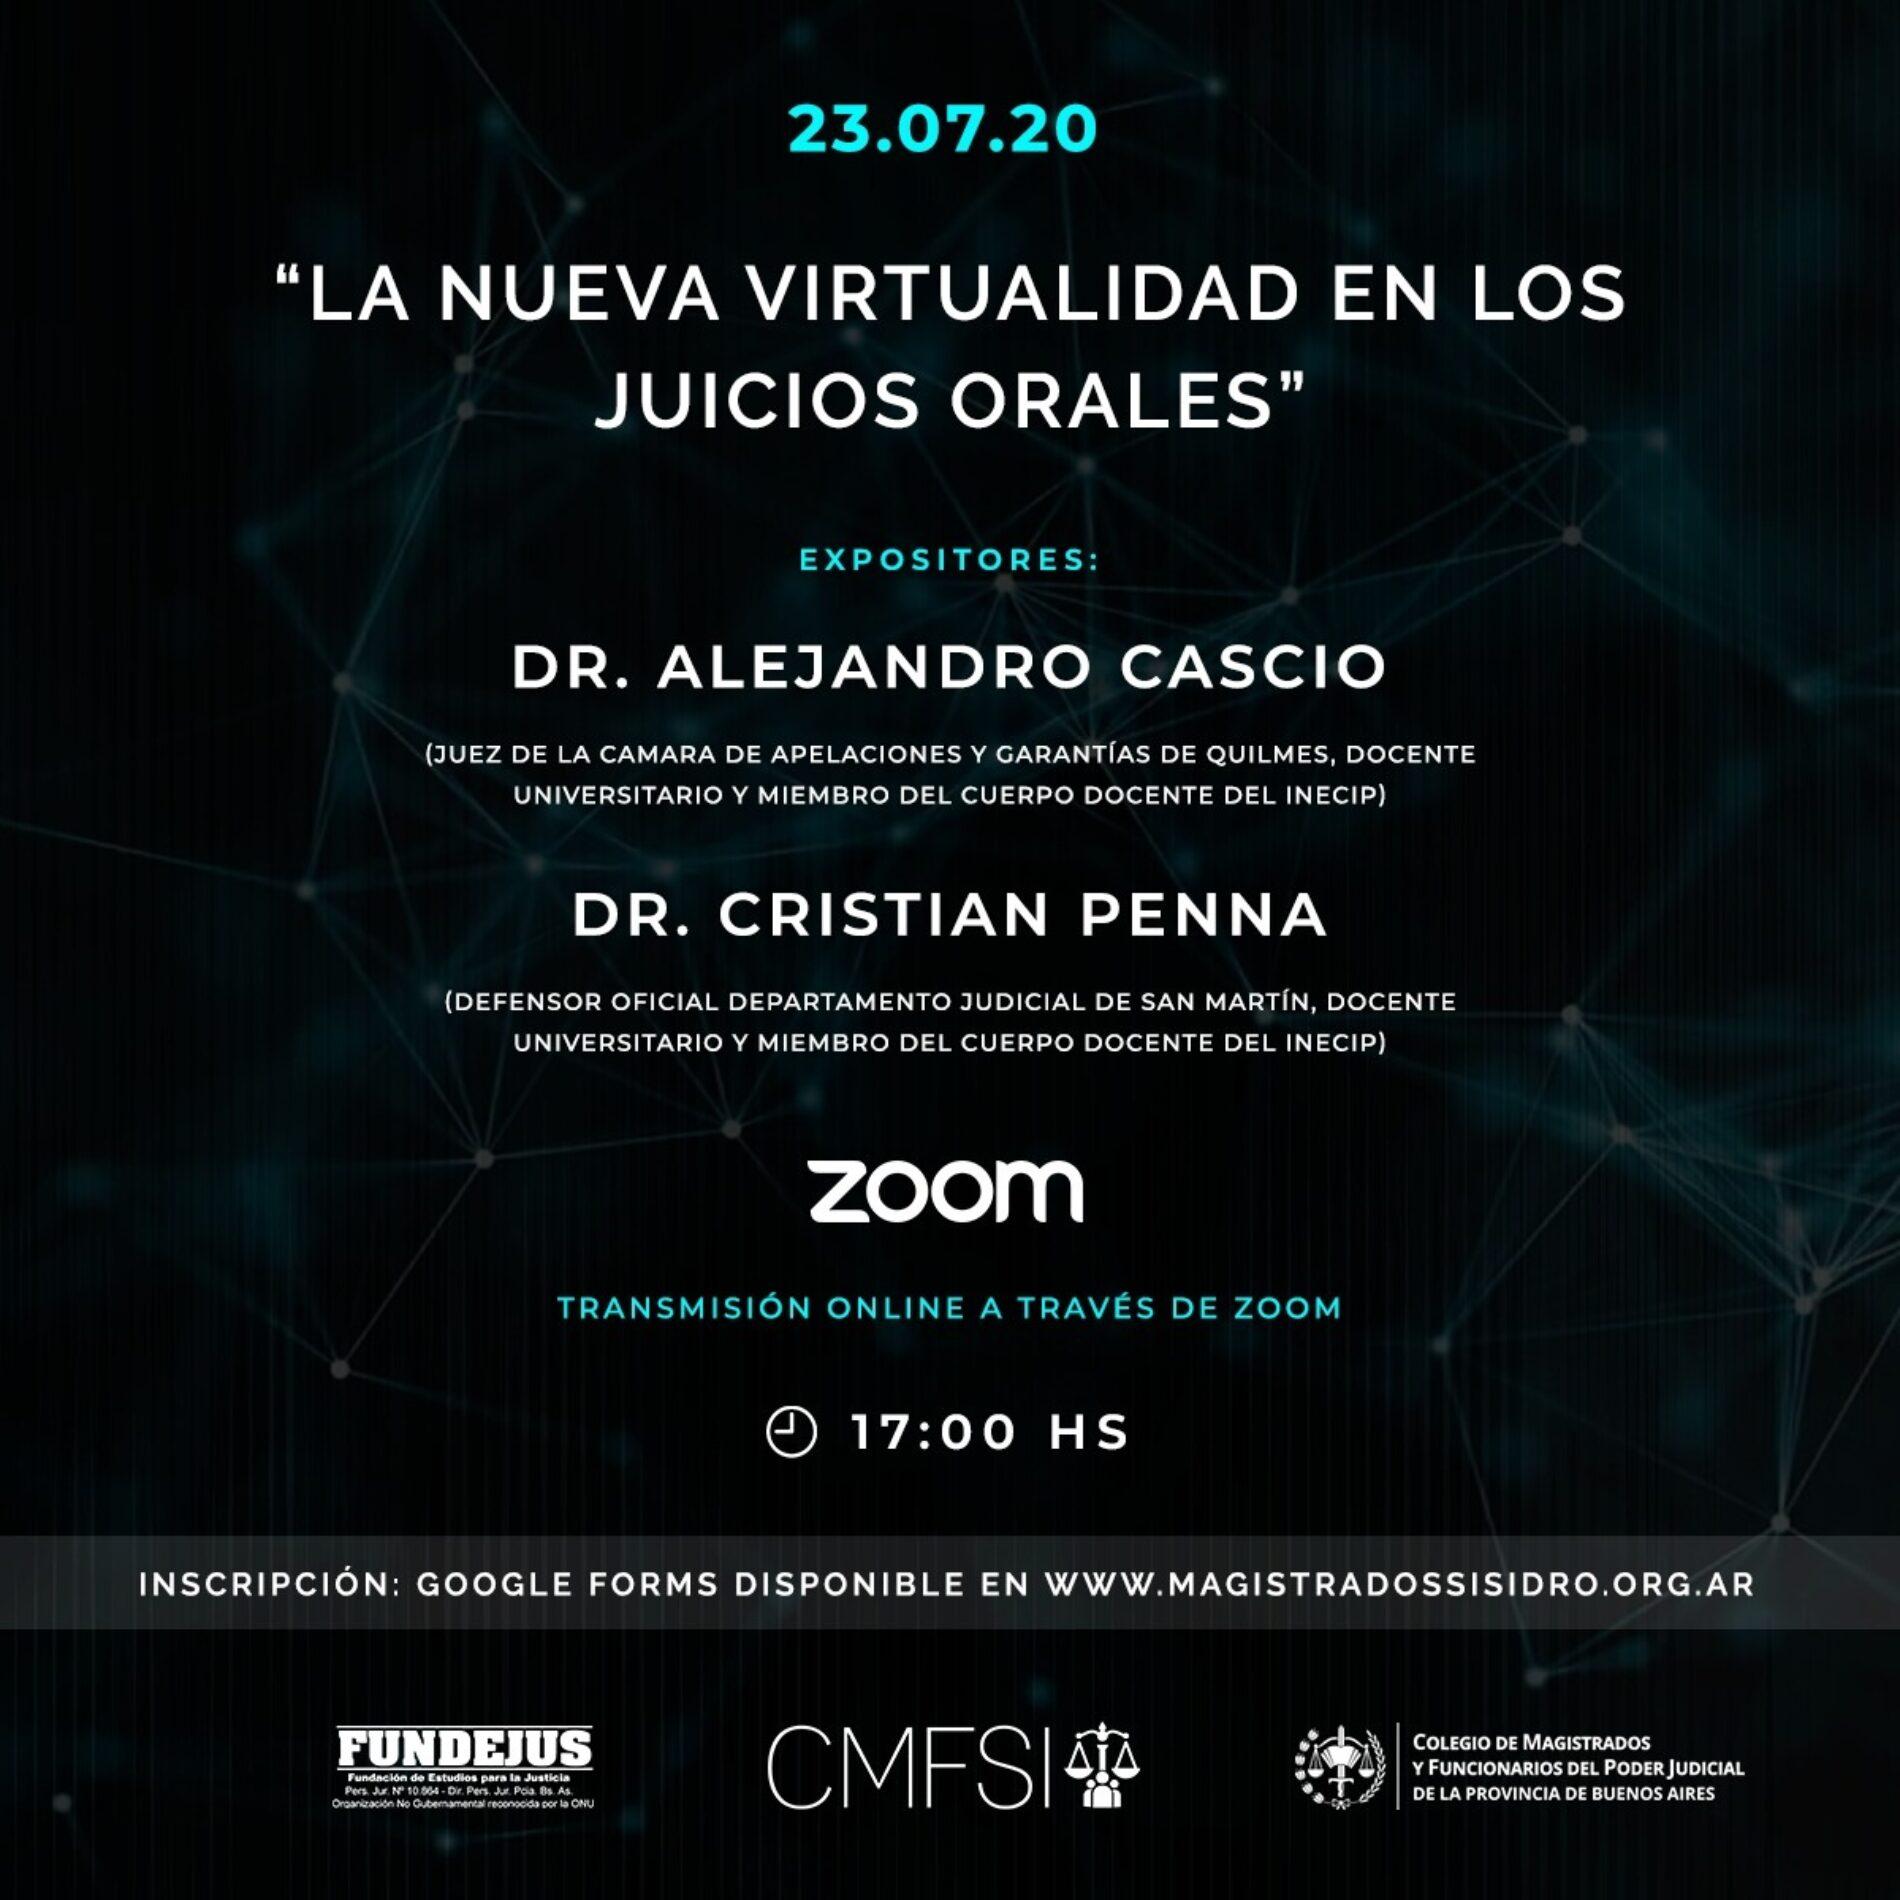 «La nueva virtualidad en los juicios orales»